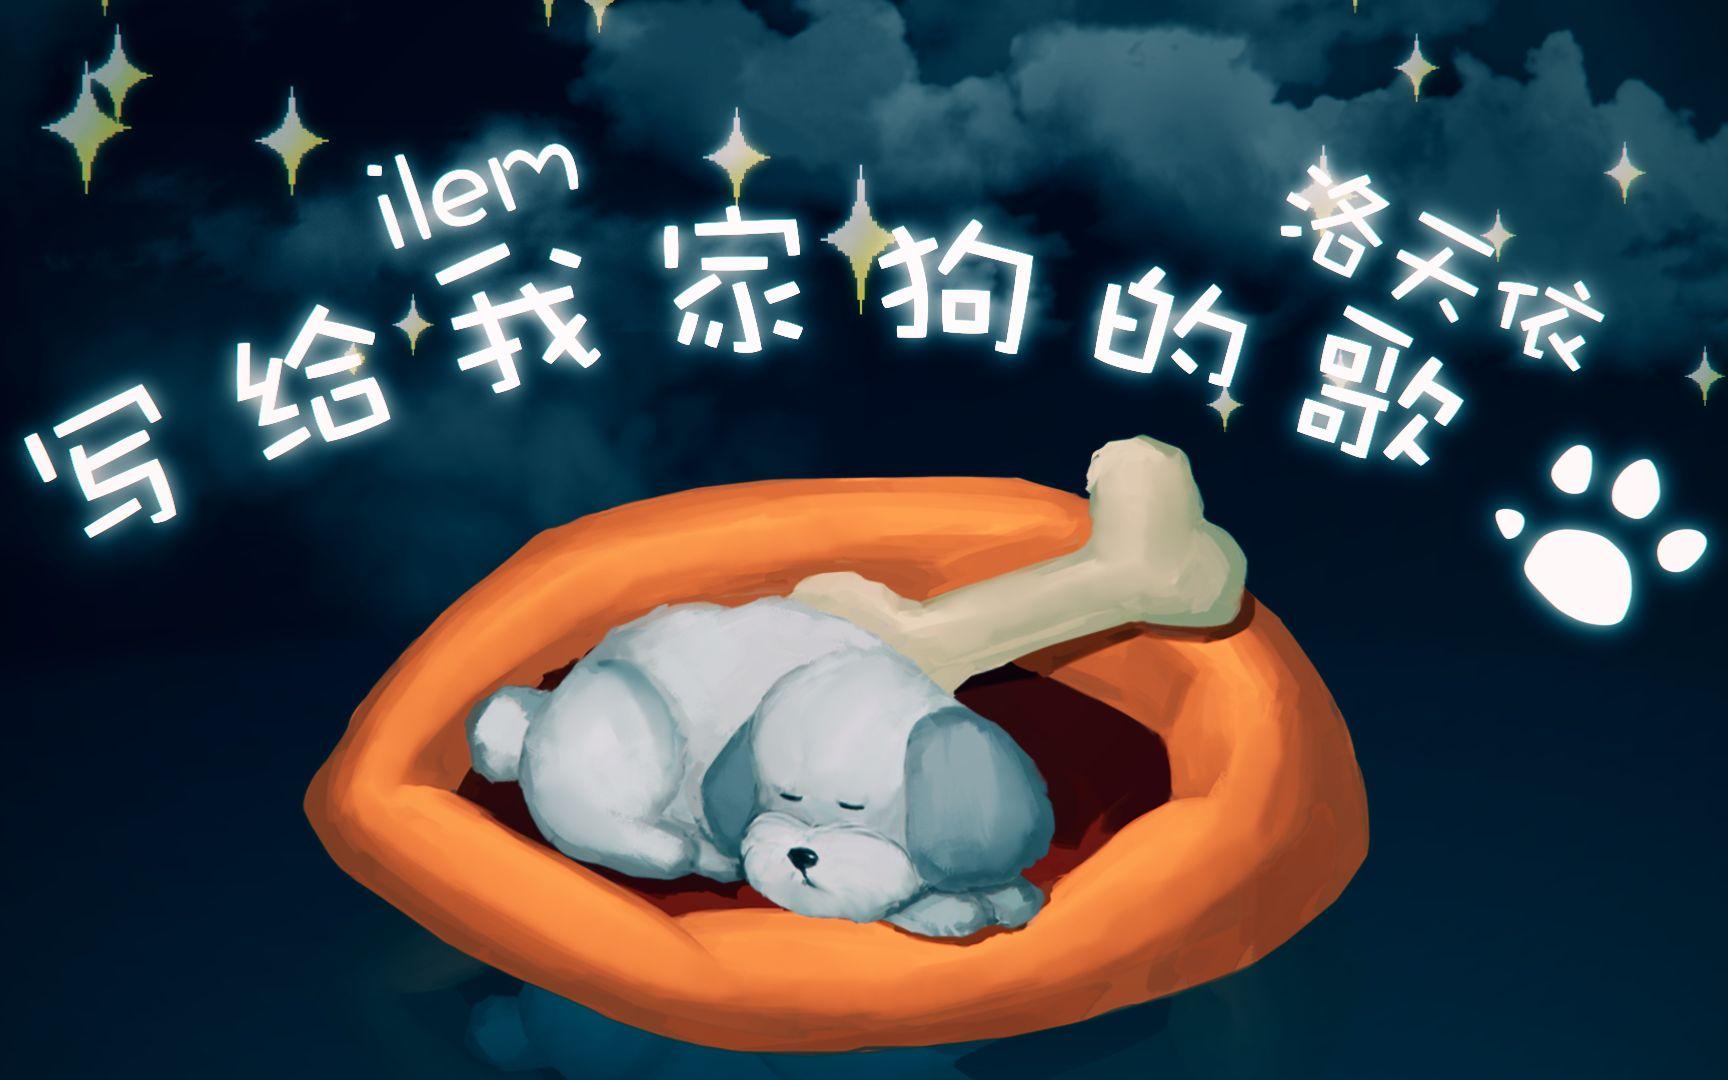 写给我家狗的歌 (Xiě gěi Wǒ Jiā Gǒu de Gē)